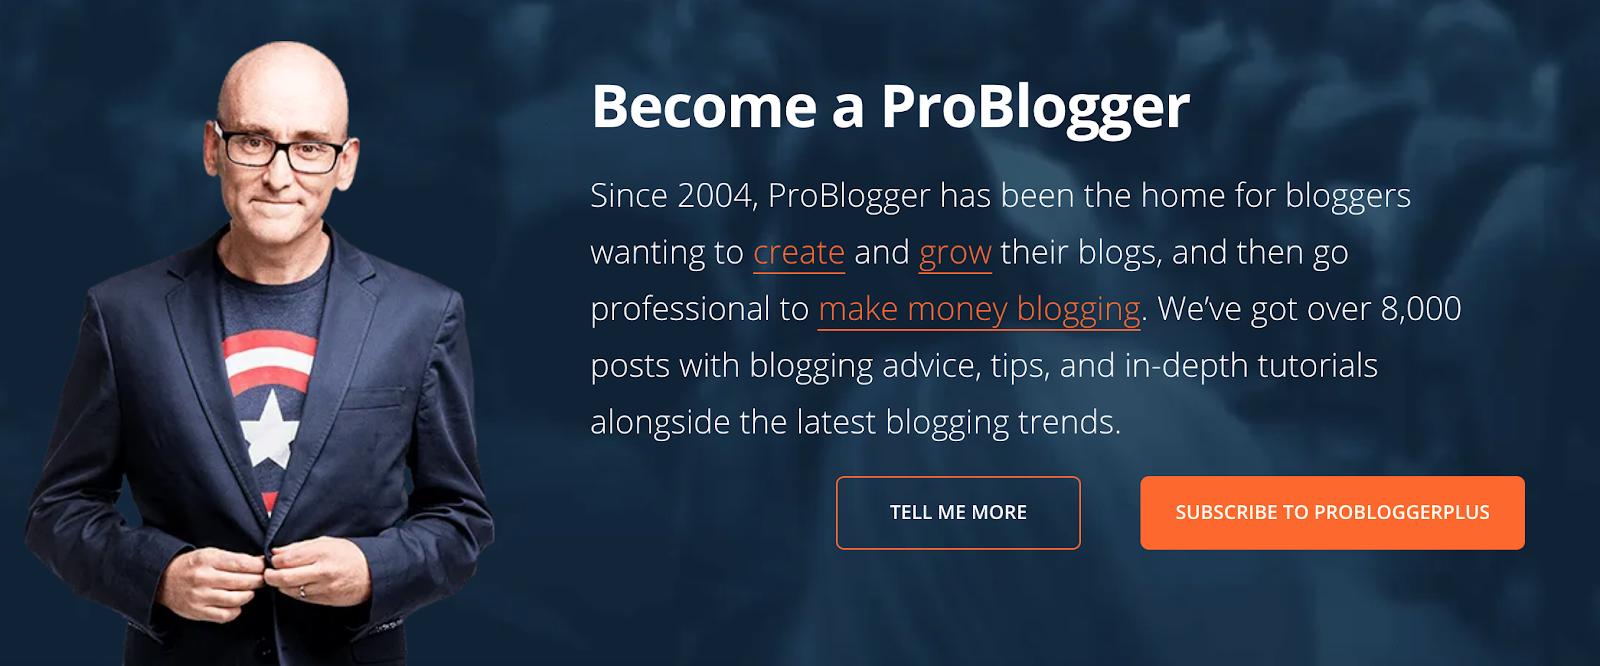 content repurposing example problogger omniscient digital